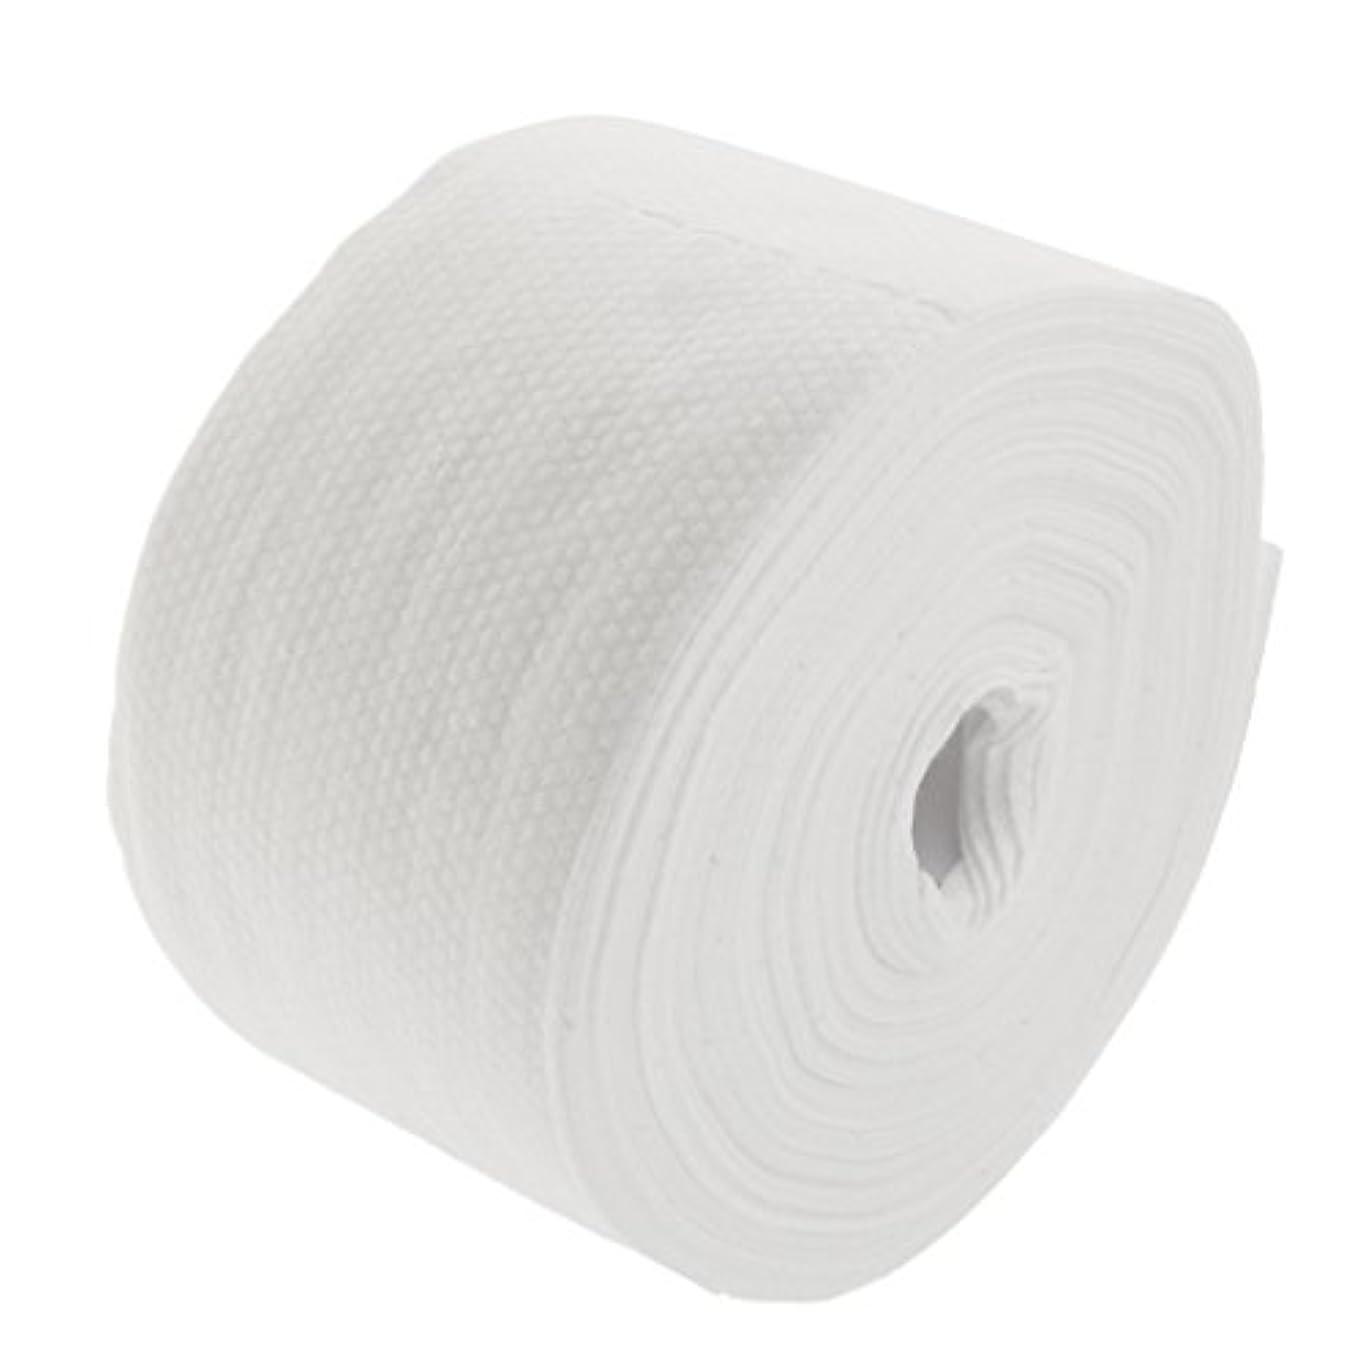 叱る赤ちゃん侵略30メートルの使い捨て可能な綿タオル繊維クレンジングフェイシャルワイプメイク落とし - #2